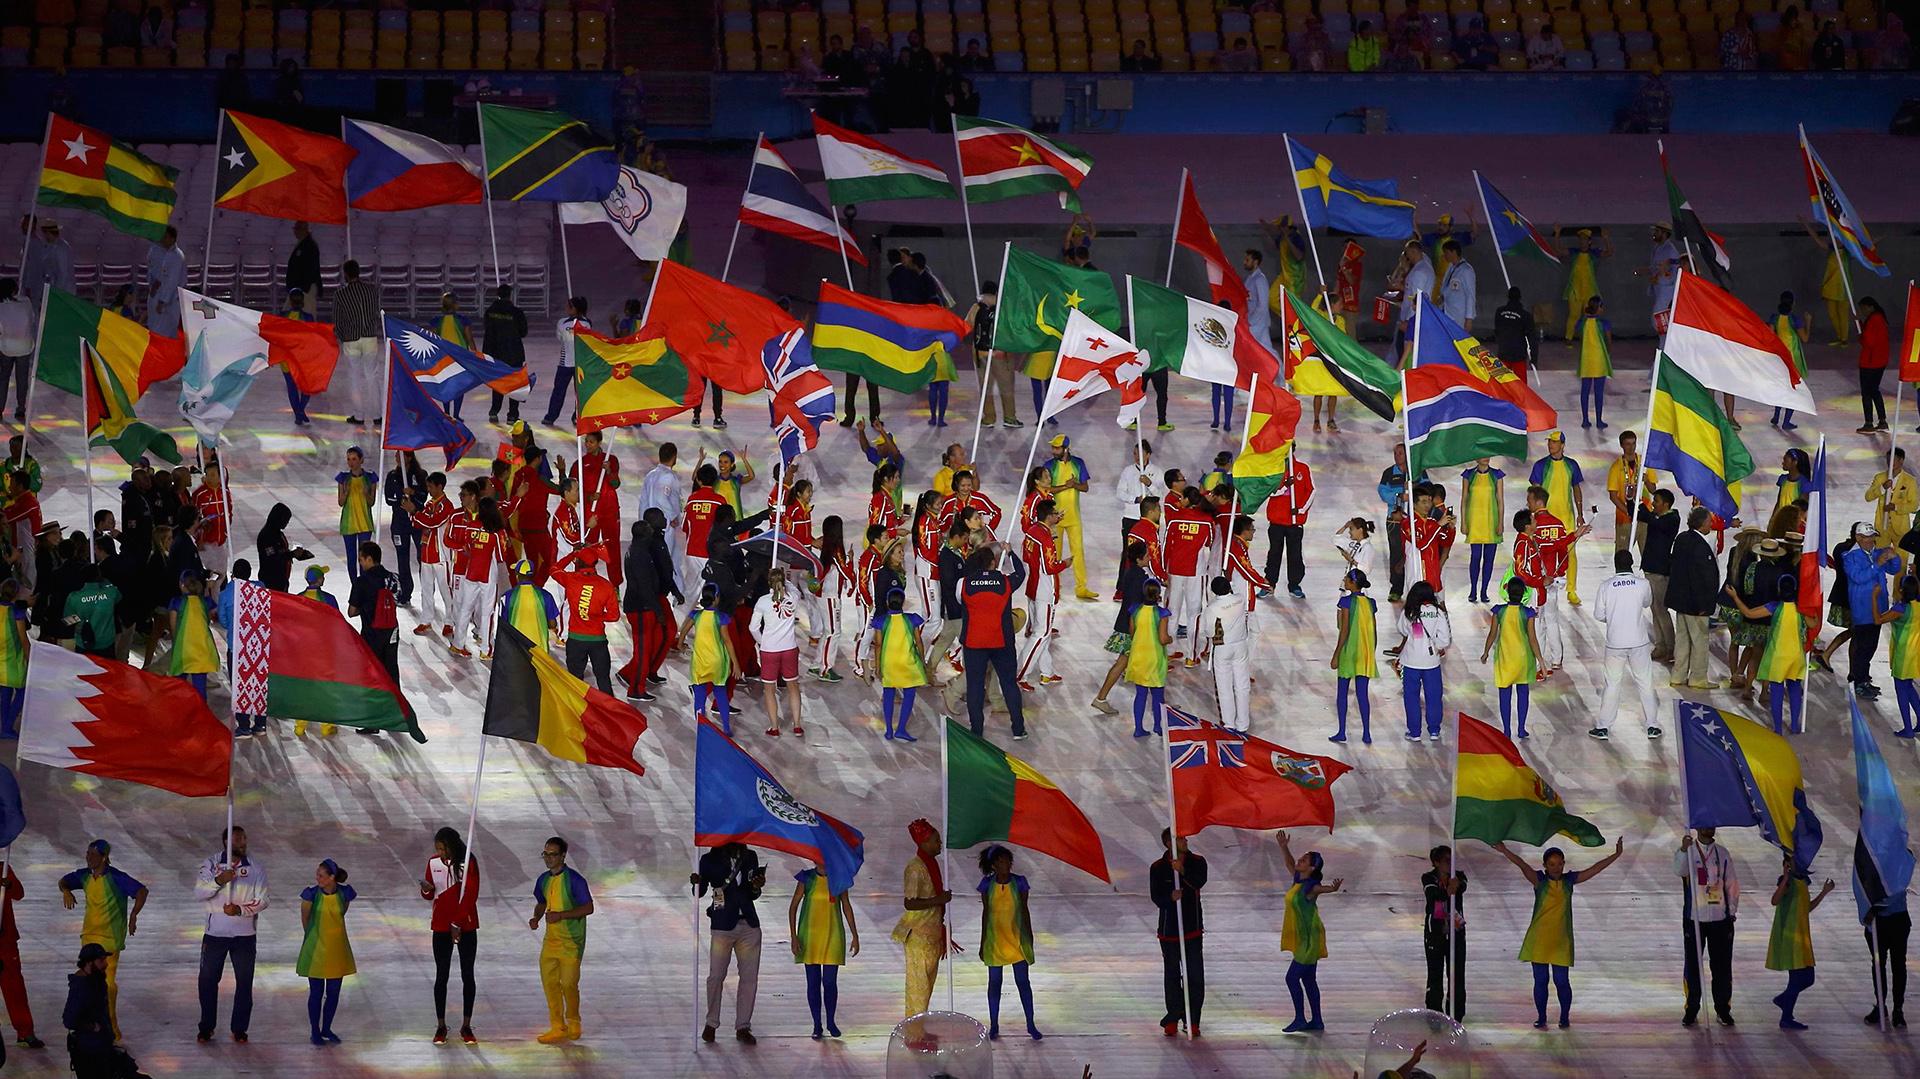 """Bajo el lema """"Un mundo nuevo"""" estos Juegos Olímpicos buscaron transmitir la paz entre las naciones (Reuters)"""